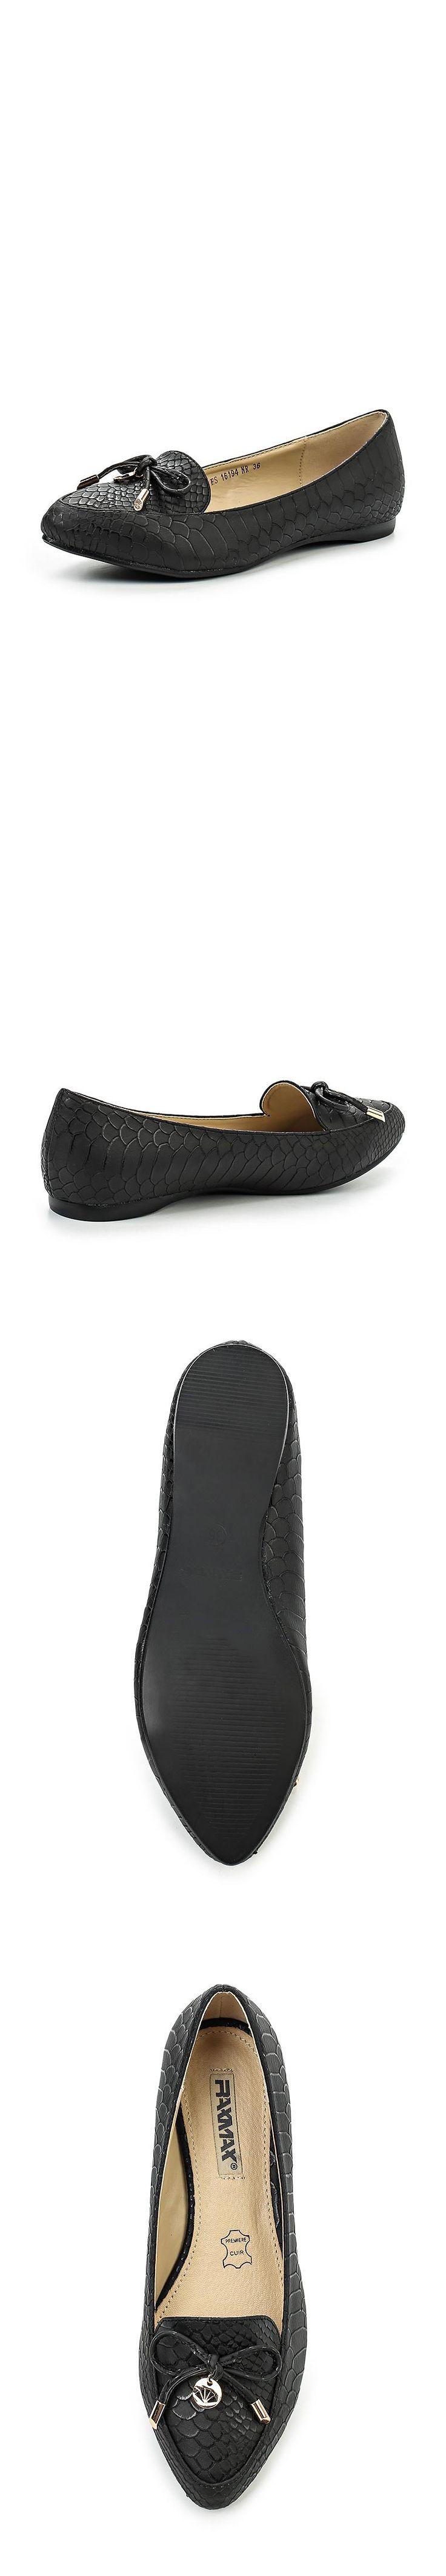 Женская обувь лоферы Raxmax за 1620.00 руб.